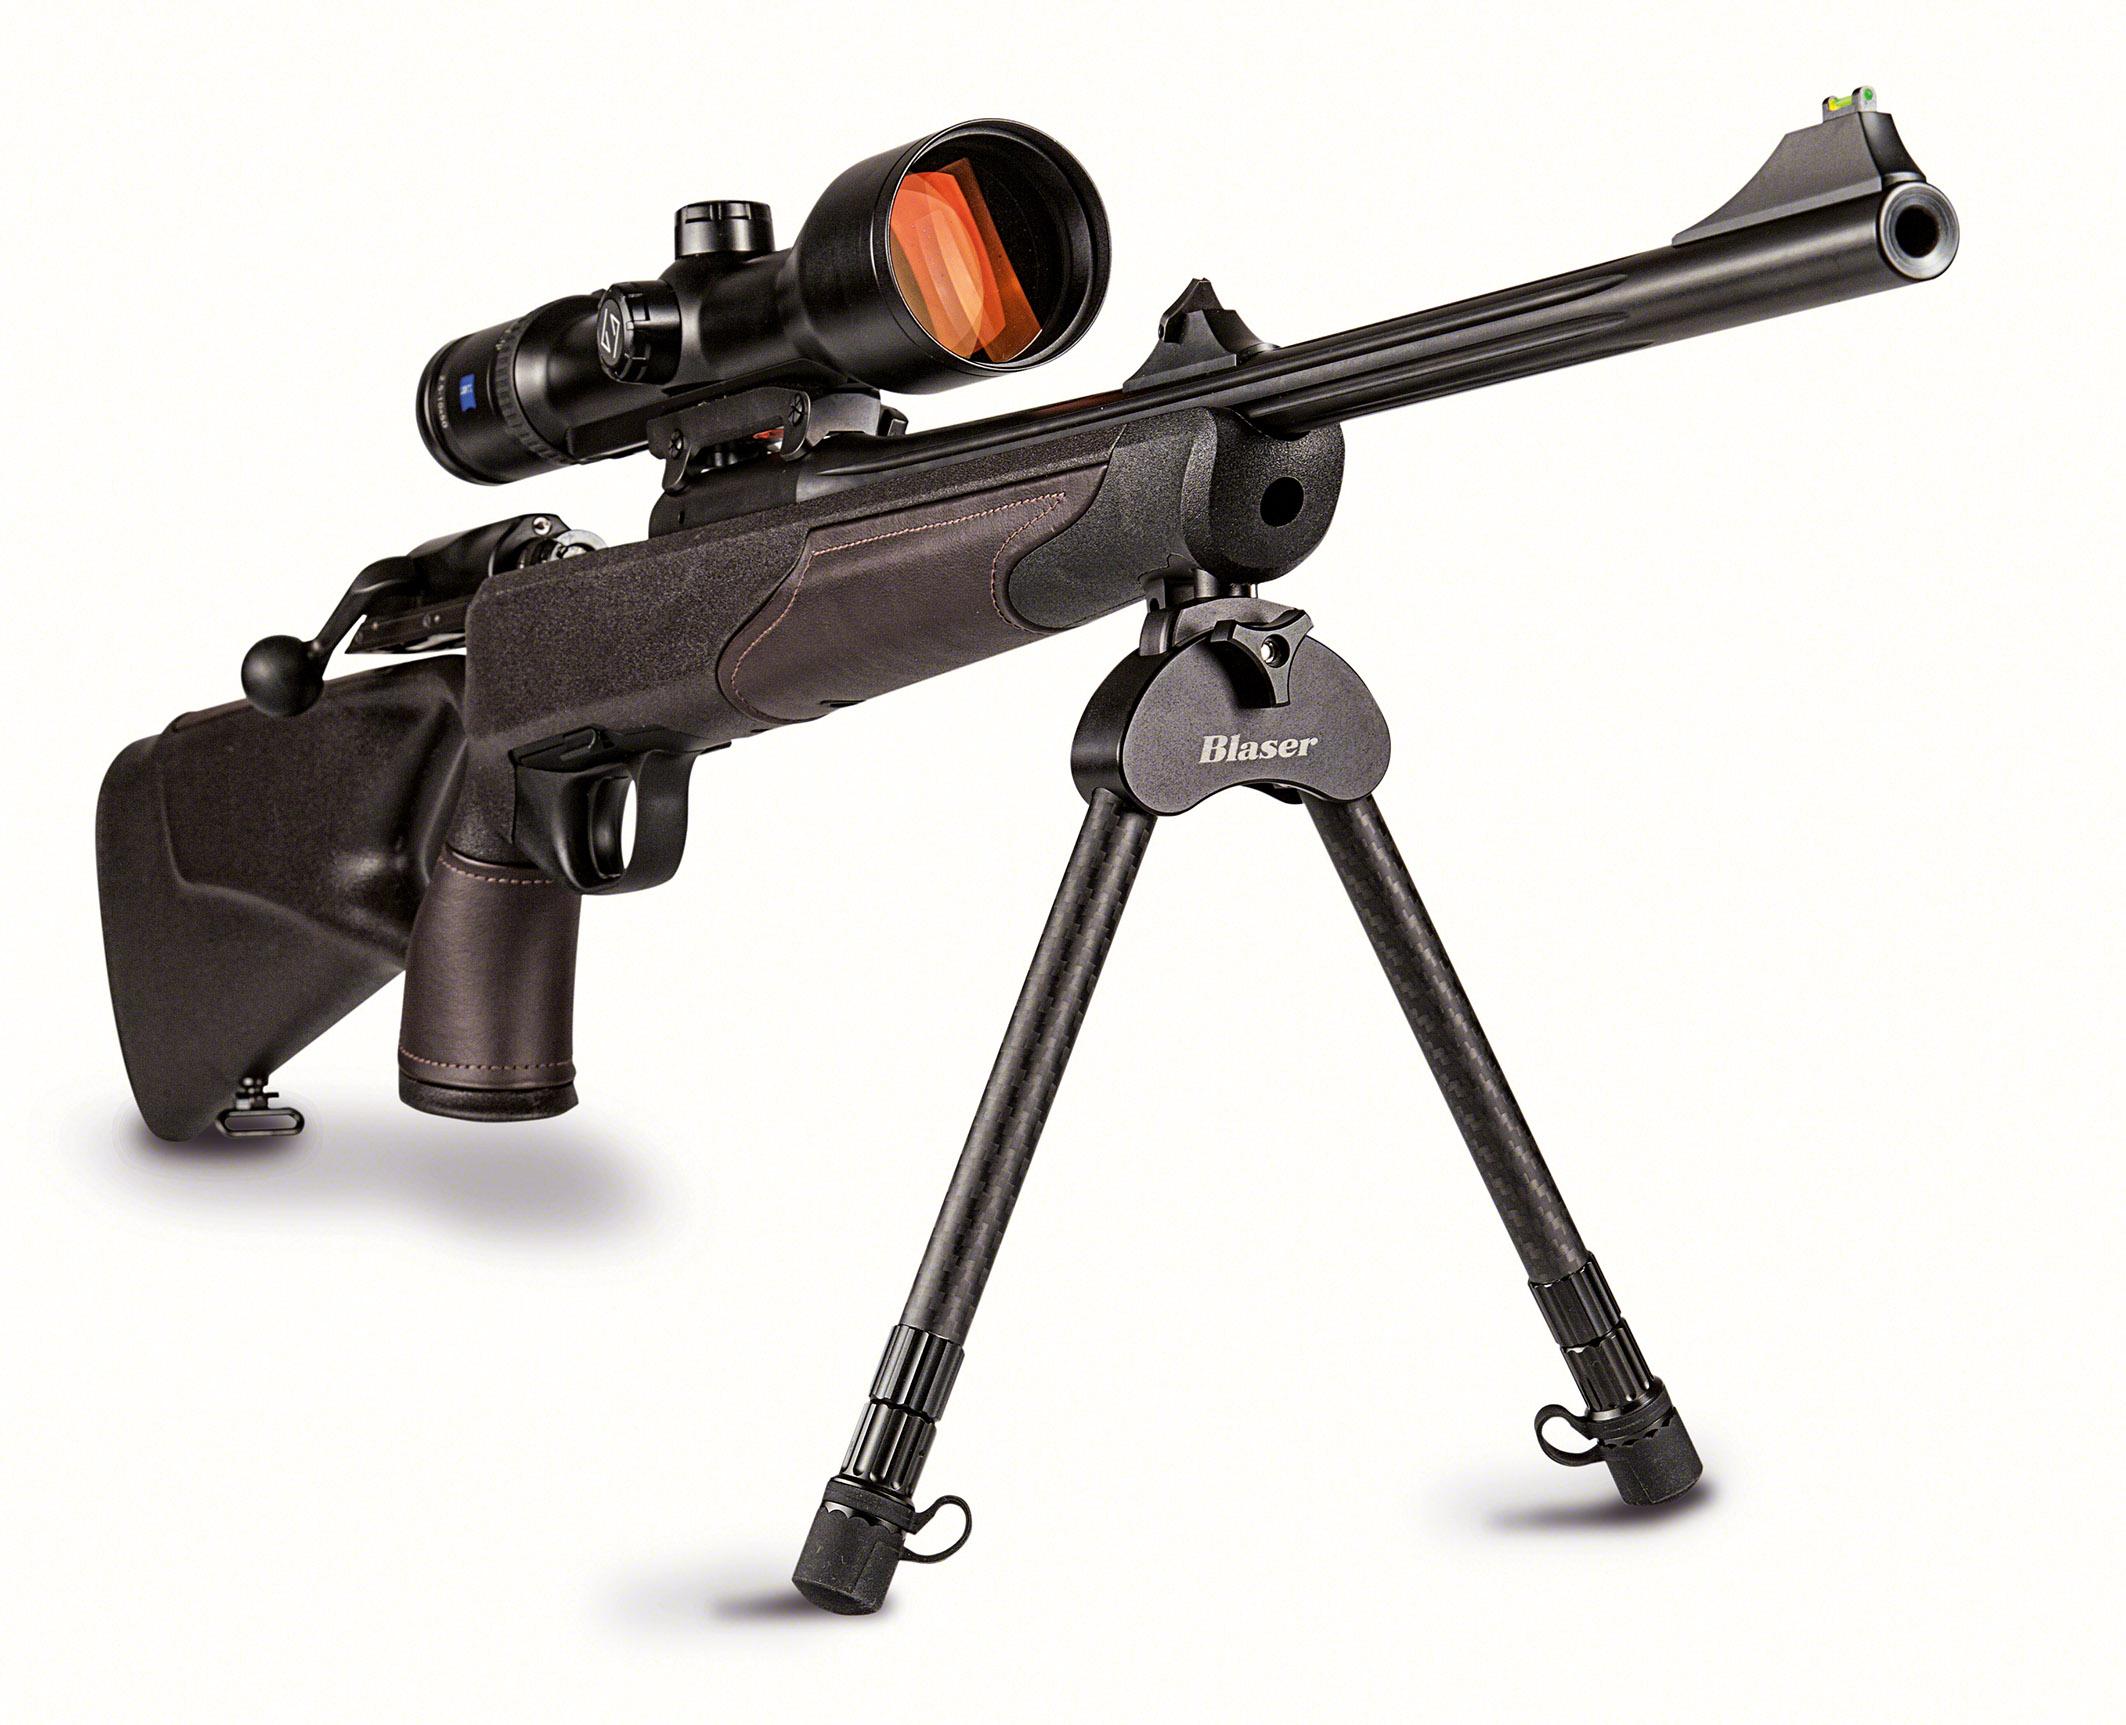 montaje de un rifle Kalashnikov en línea